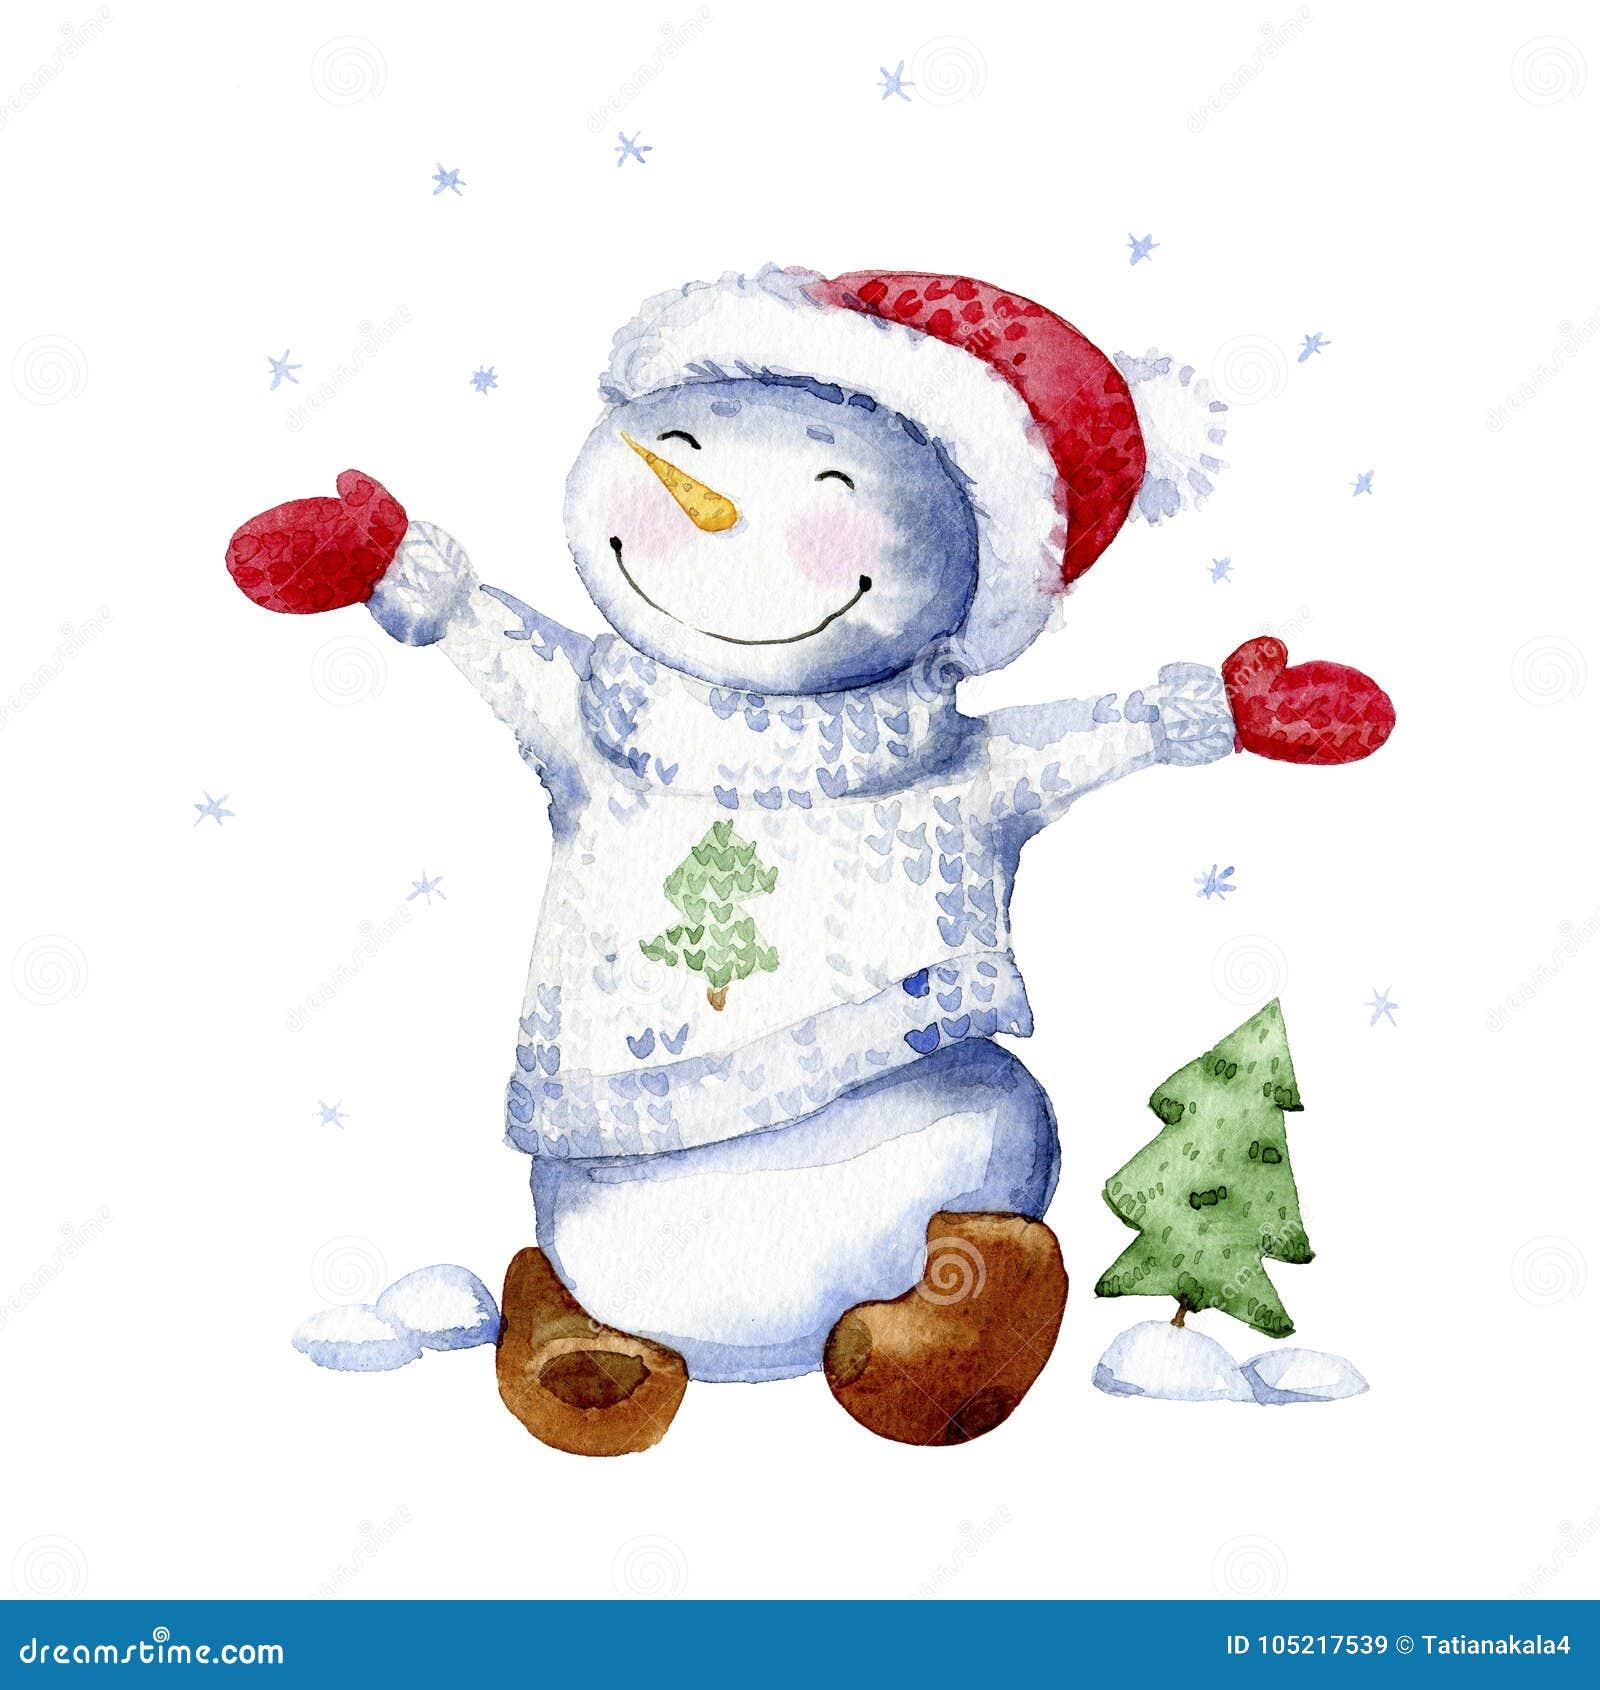 Απεικόνιση κινούμενων σχεδίων Watercolor Ο ευτυχής χιονάνθρωπος χαίρεται για το πρώτο χιόνι